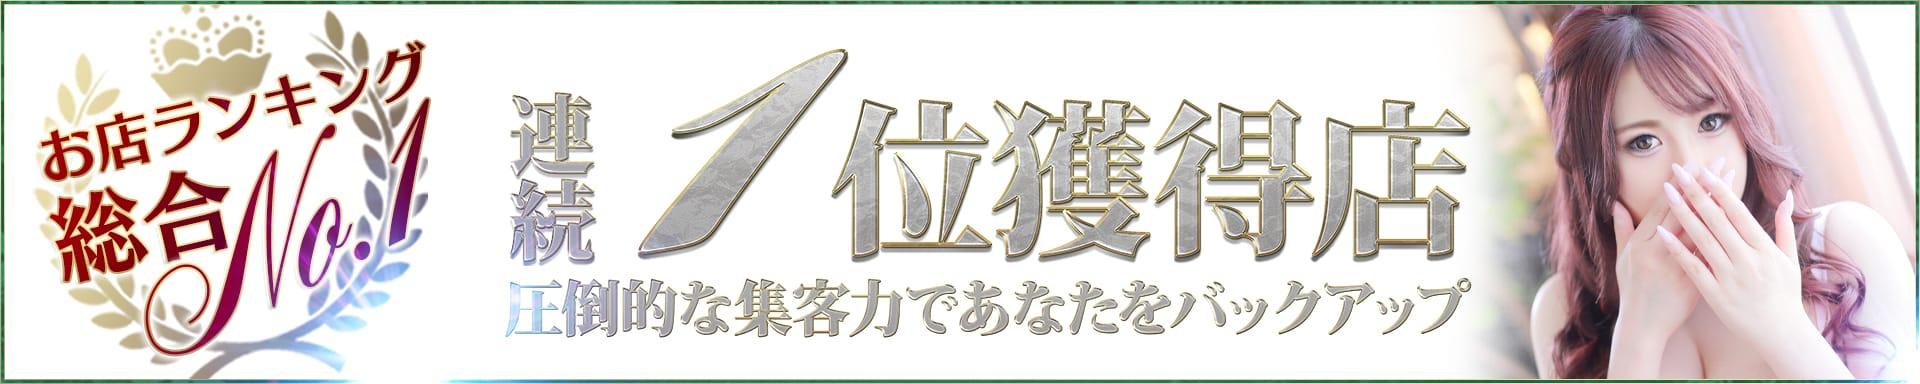 S級素人最高級デリバリーヘルス Platinum musee(プラチナムミュゼ) - 福岡市・博多